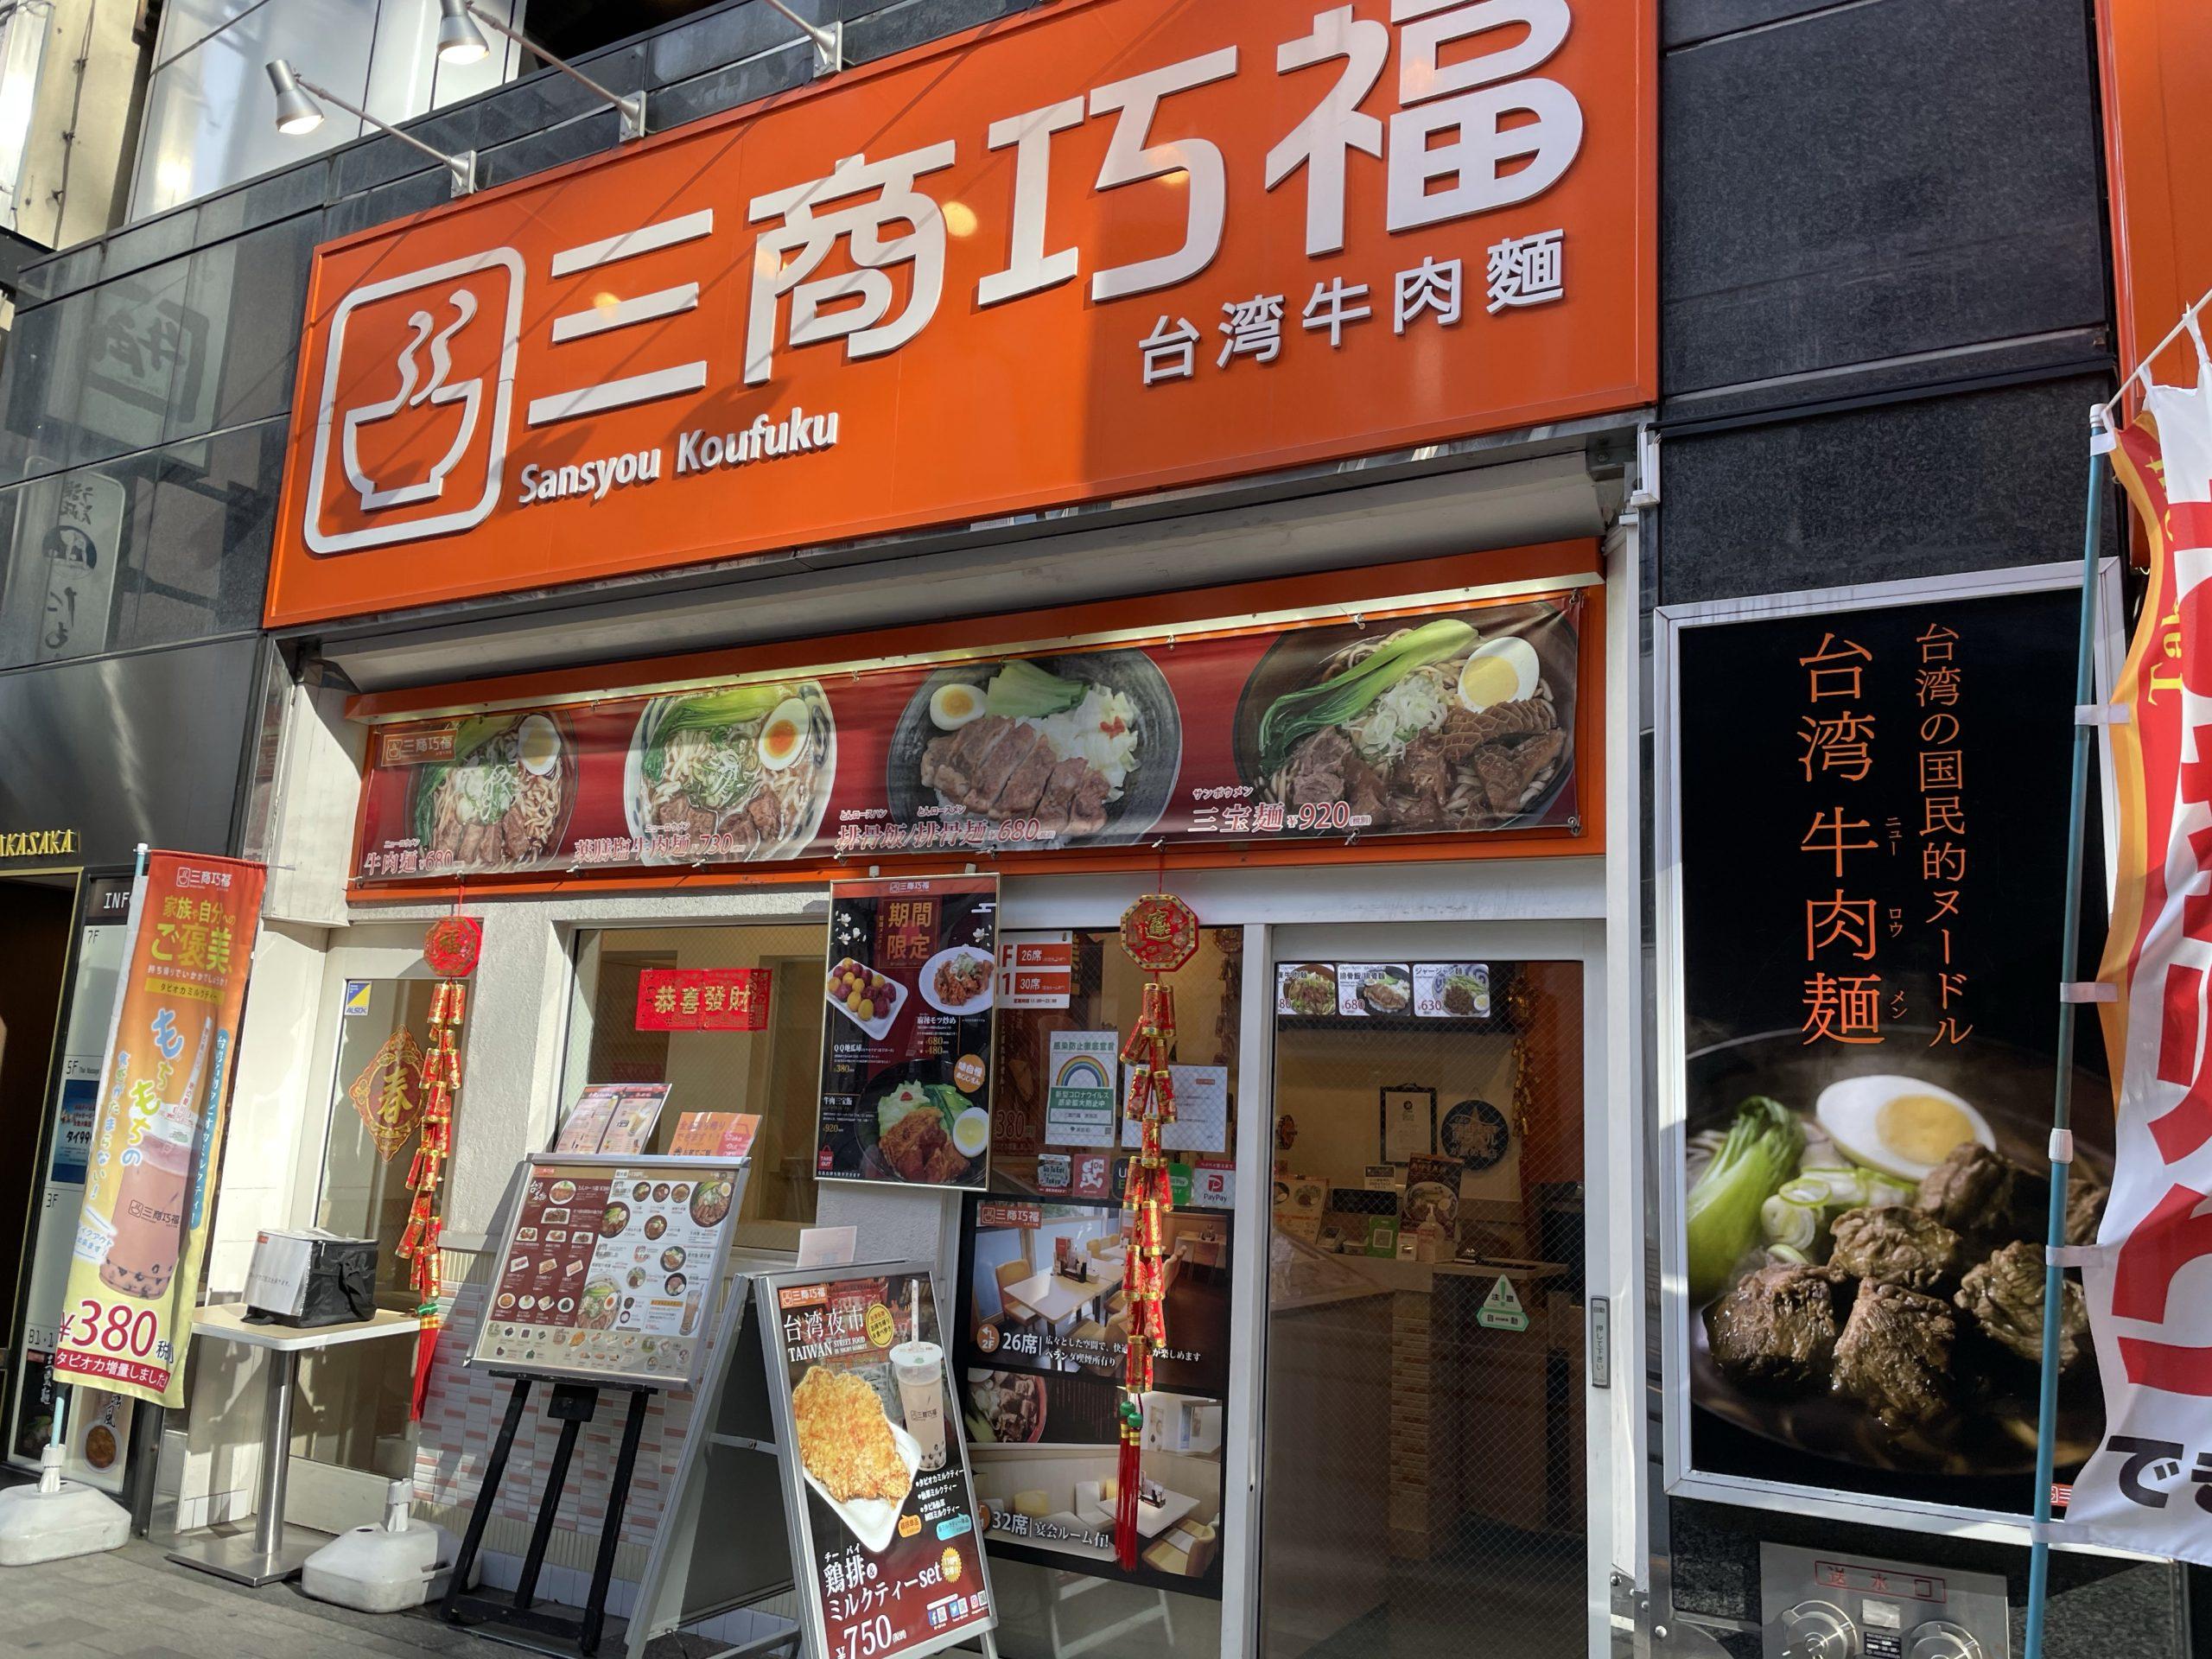 外観 テイクアウトもイートインもできる台湾料理専門店「三商巧福 赤坂店